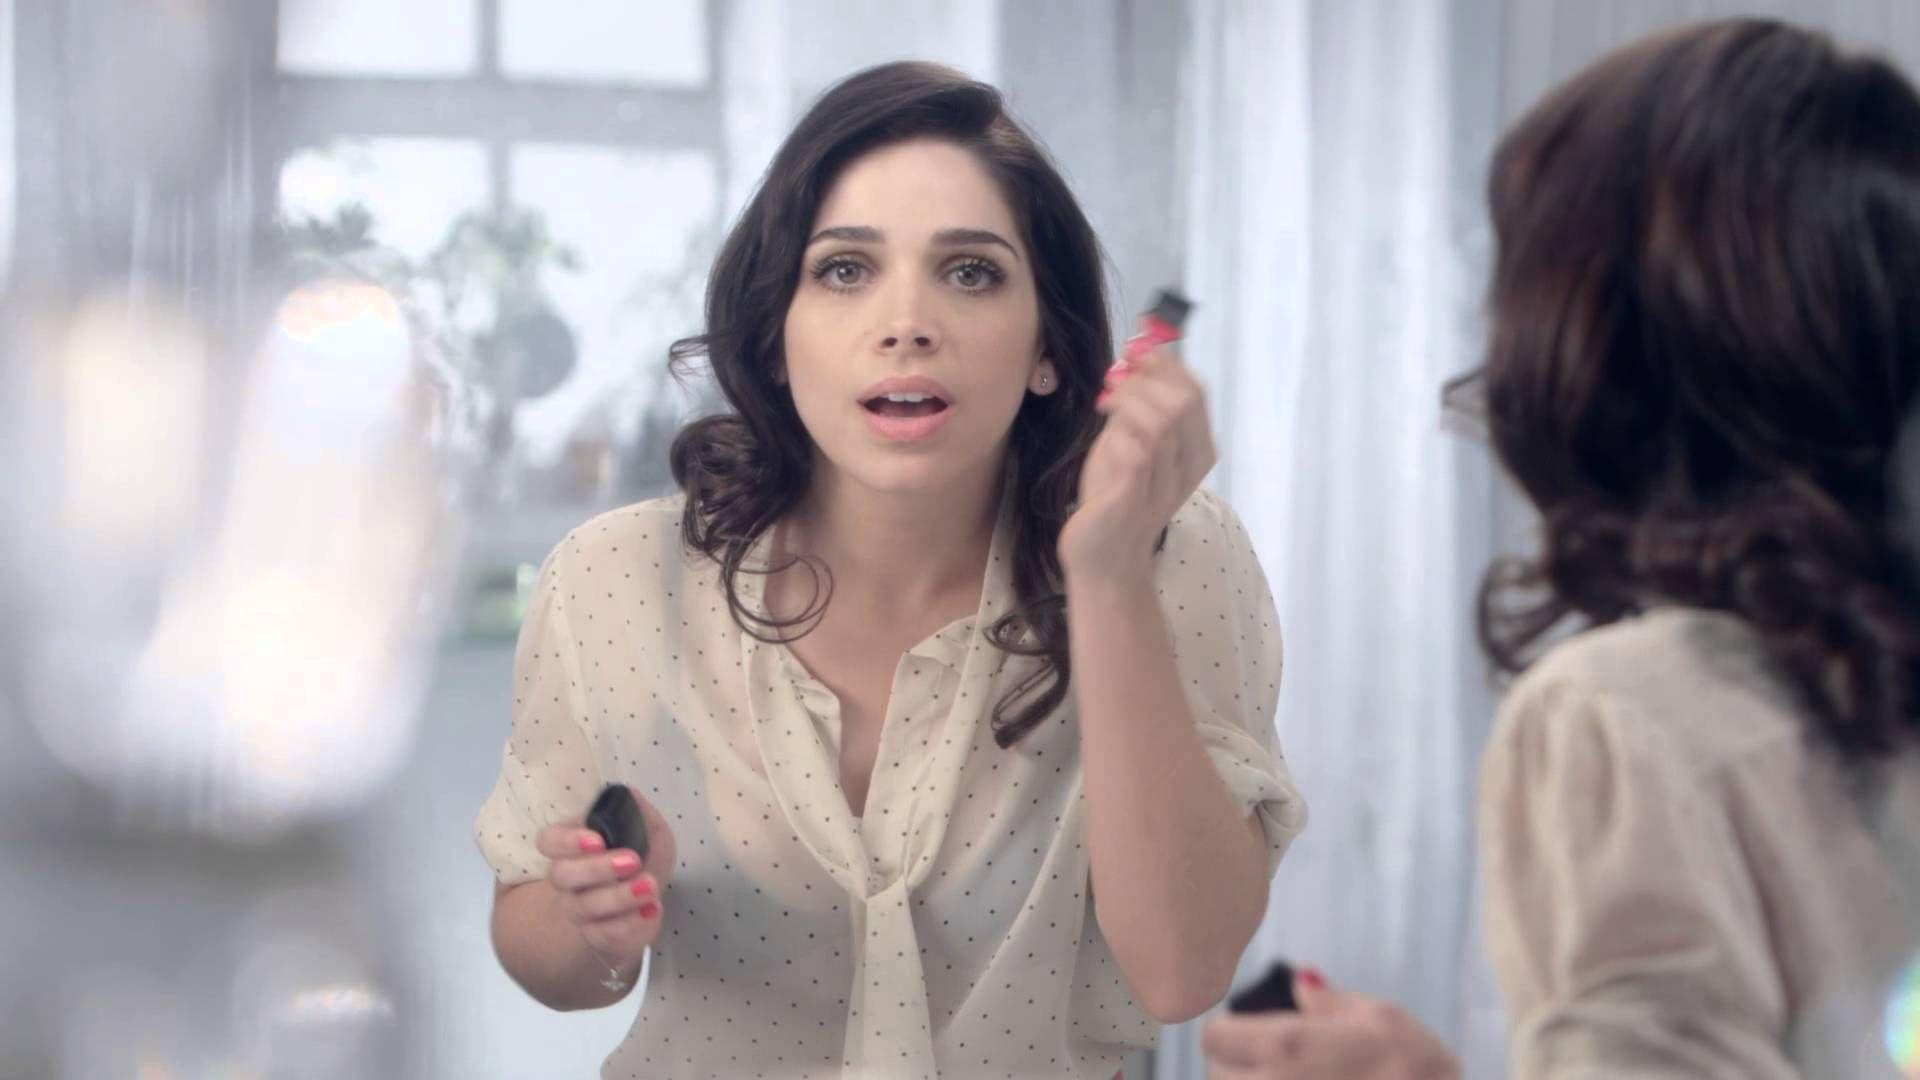 Quilinhos - Realmente não entendi o por que, mas campanha da Avon causa impacto negativo.  #megapracima Quilinhos: http://youtu.be/W5Lkqbcuobg via @YouTube